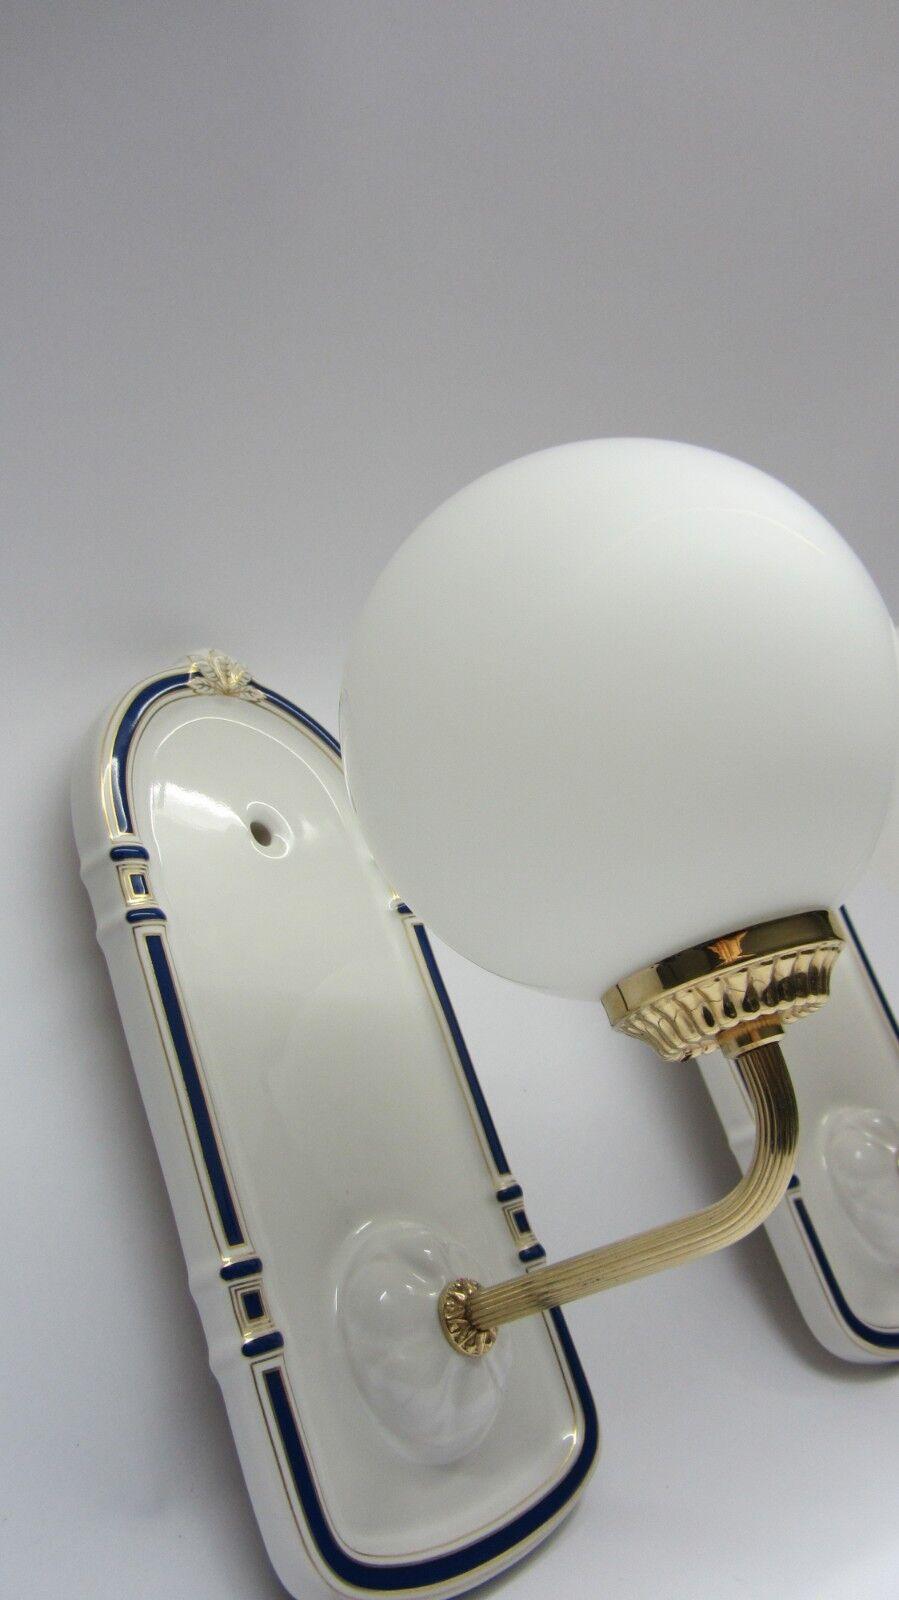 Dornbracht Madison Badezimmer- Spiegel Lampe verGoldet Villeroy & Boch '70er J